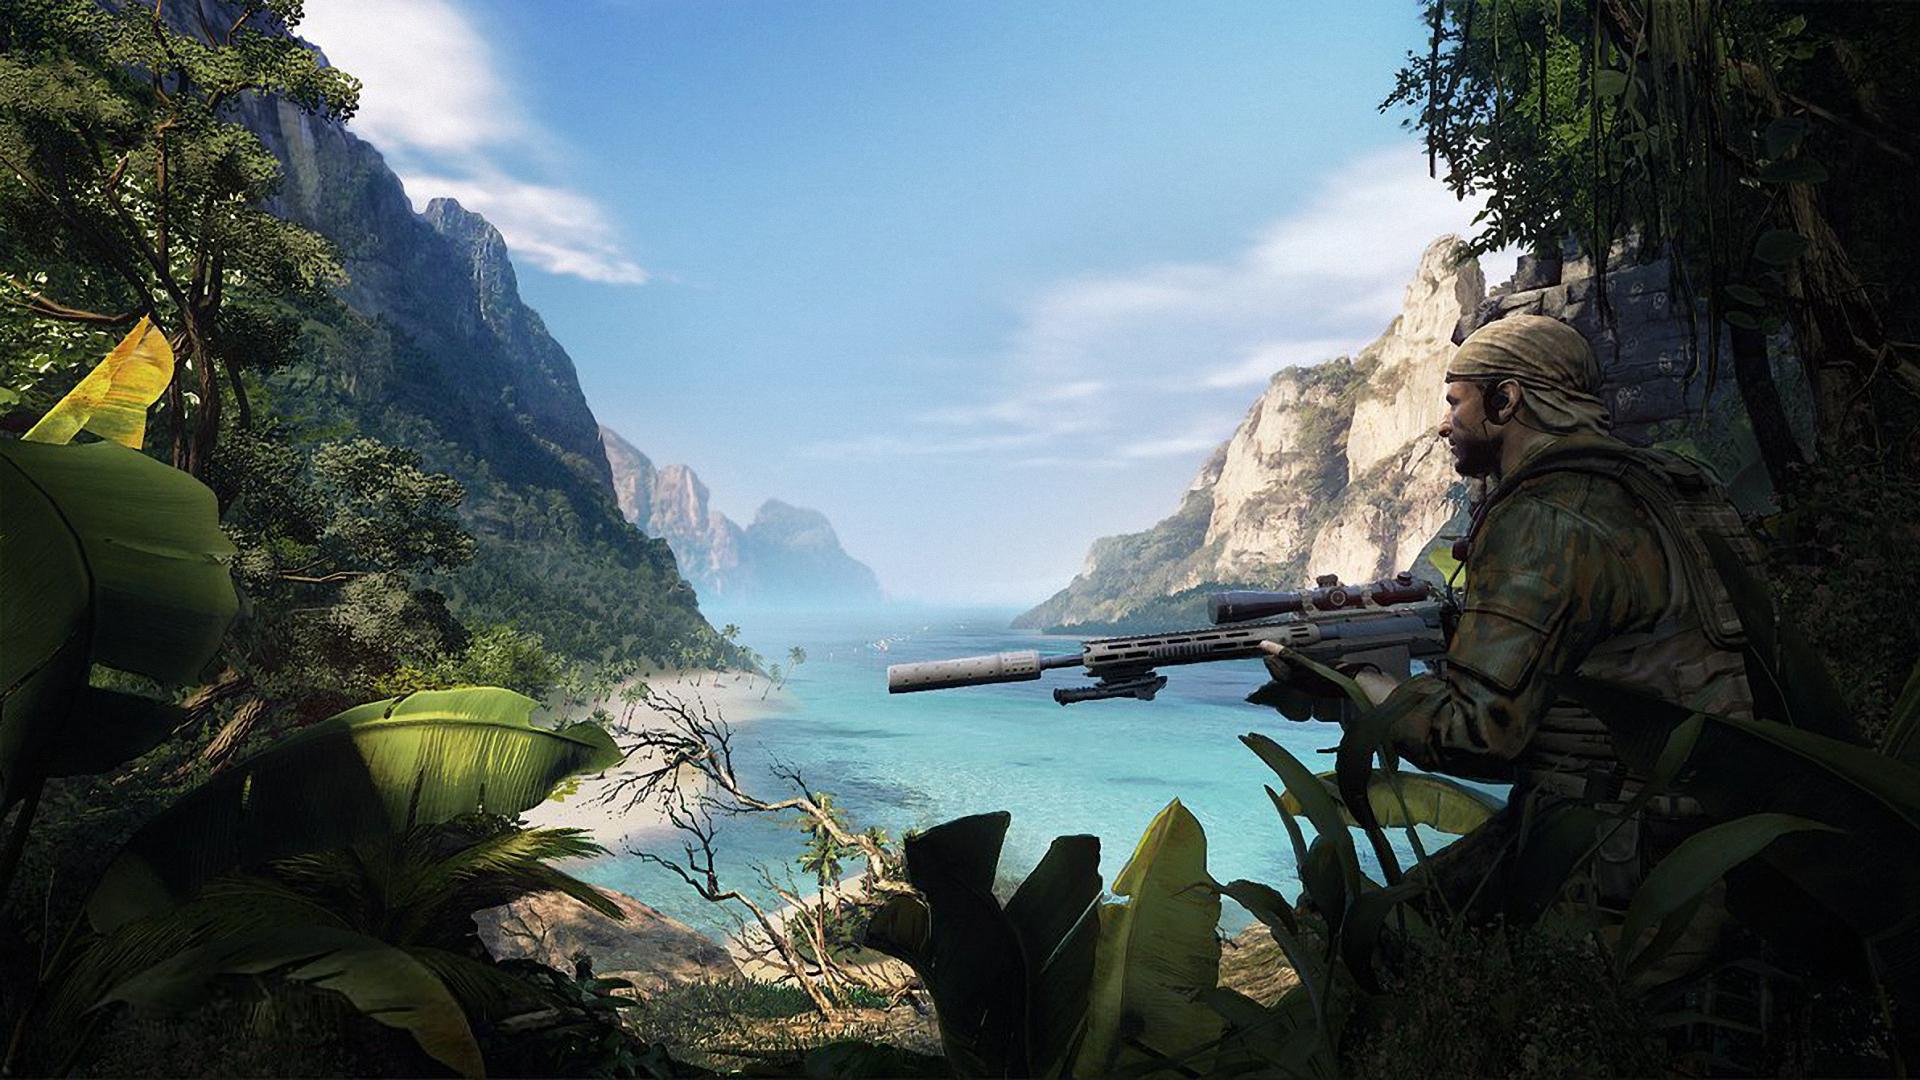 картинки снайпера из игры снайпер воин призрак наиболее популярных разновидностей